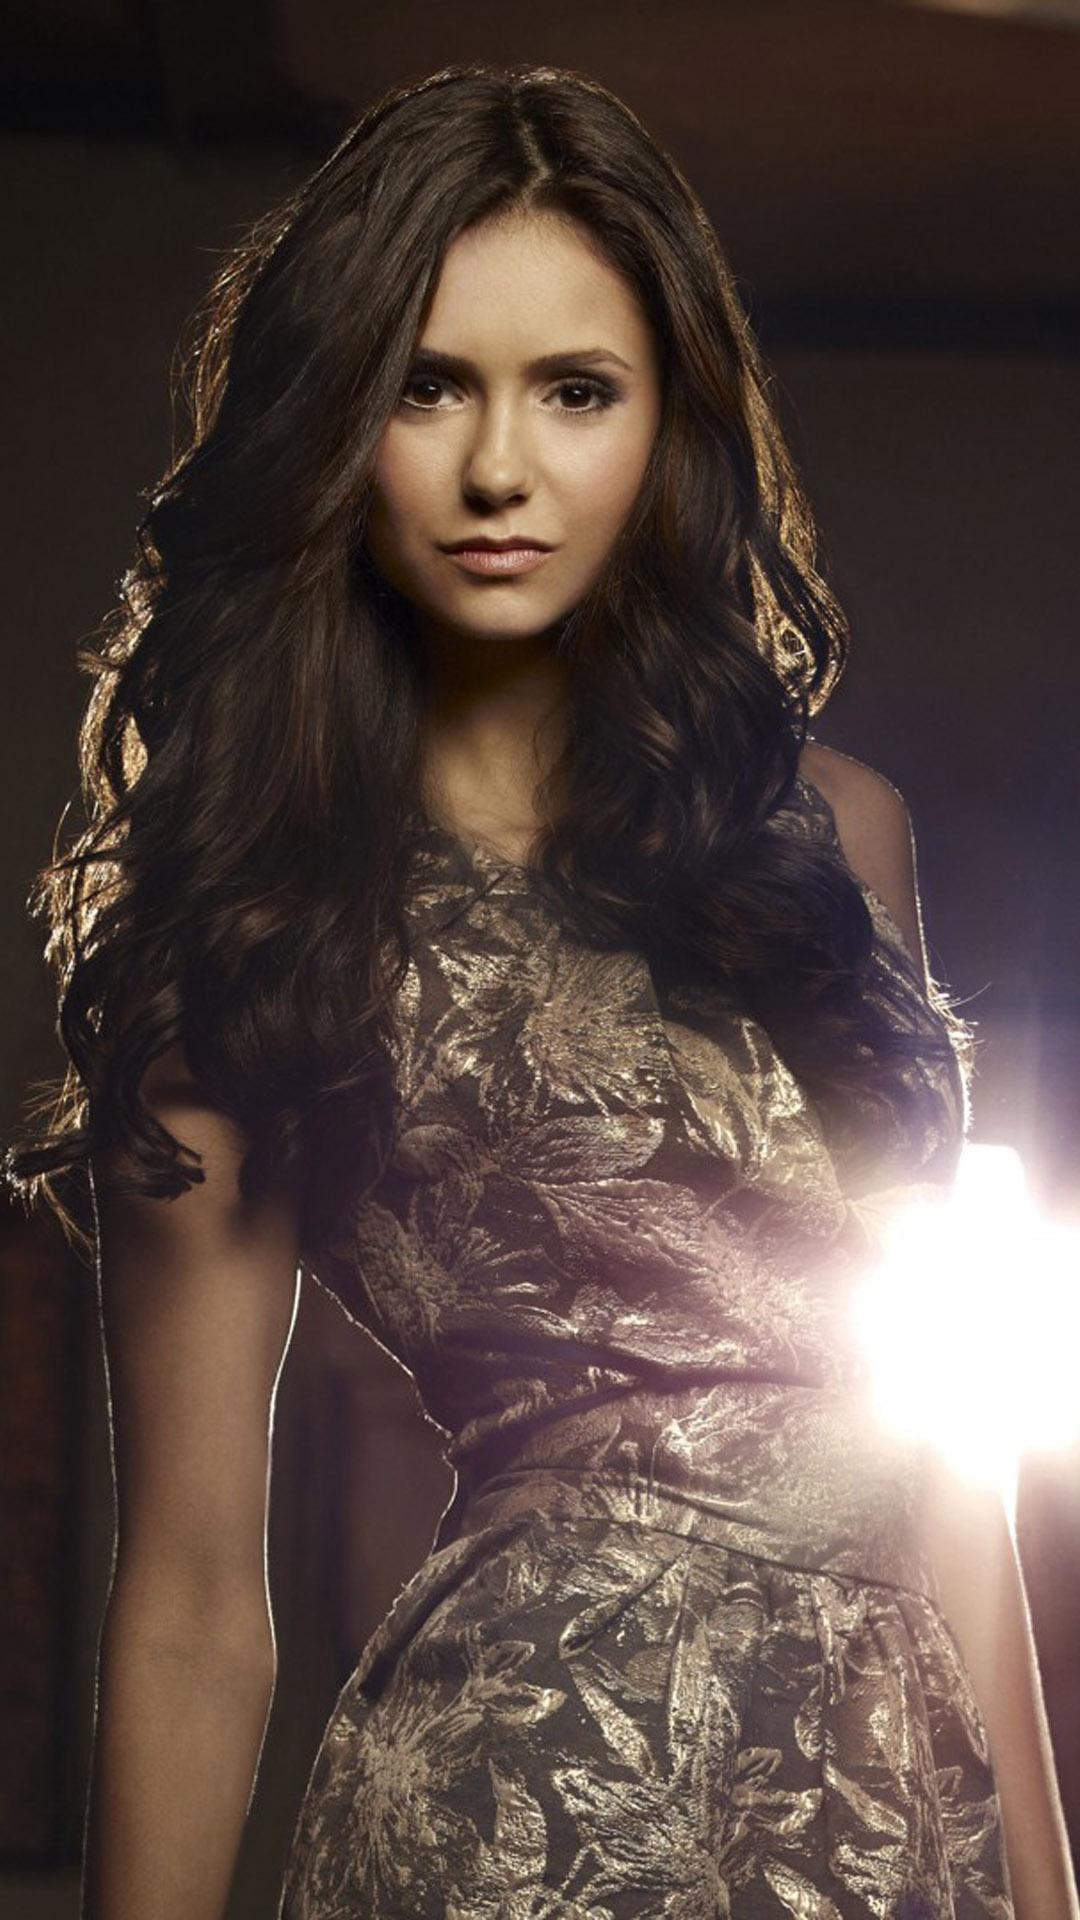 Nina Dobrev In The Vampire Diaries Free 4K Ultra HD Mobile ...